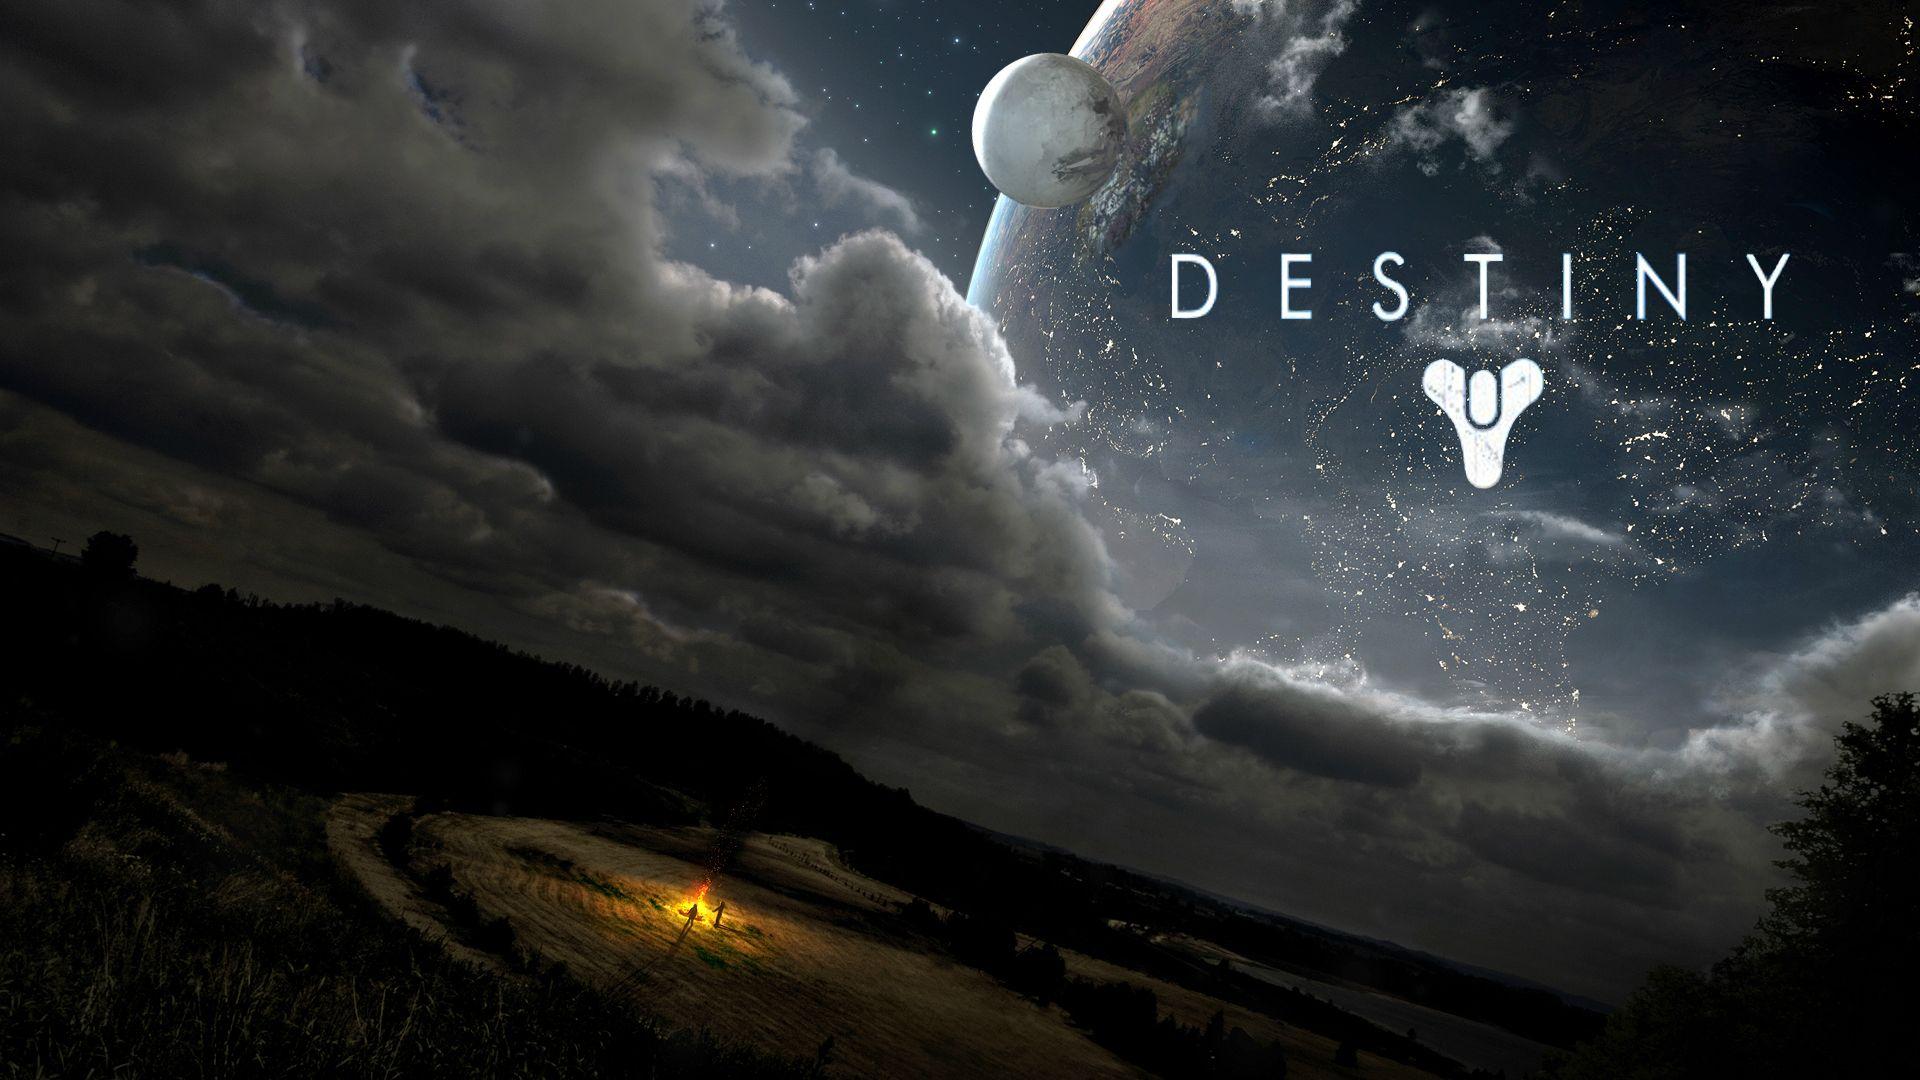 Destiny Fond D Ecran Espace 67119 Hd Wallpaper